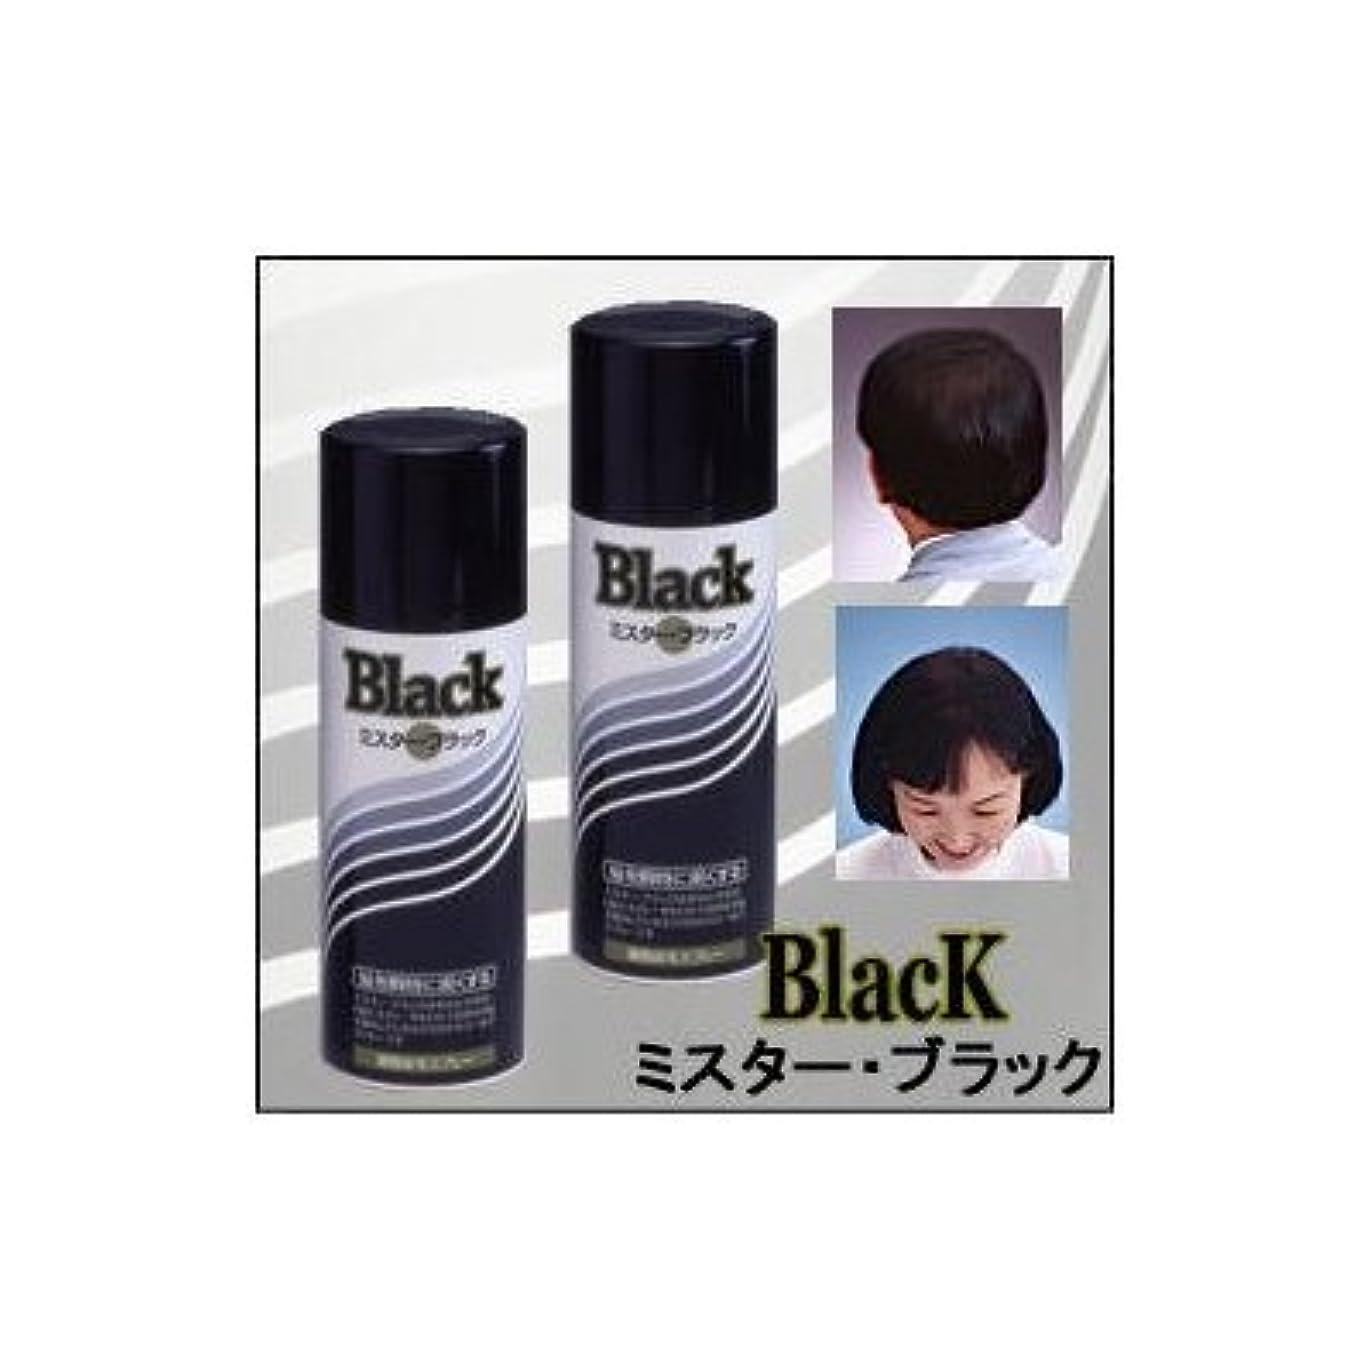 サイトラインカーフ共感する『ミスターブラック ? 男女兼用』 薄毛対策スプレー  瞬時に対応 ?染毛料? 日本製 (2本組)